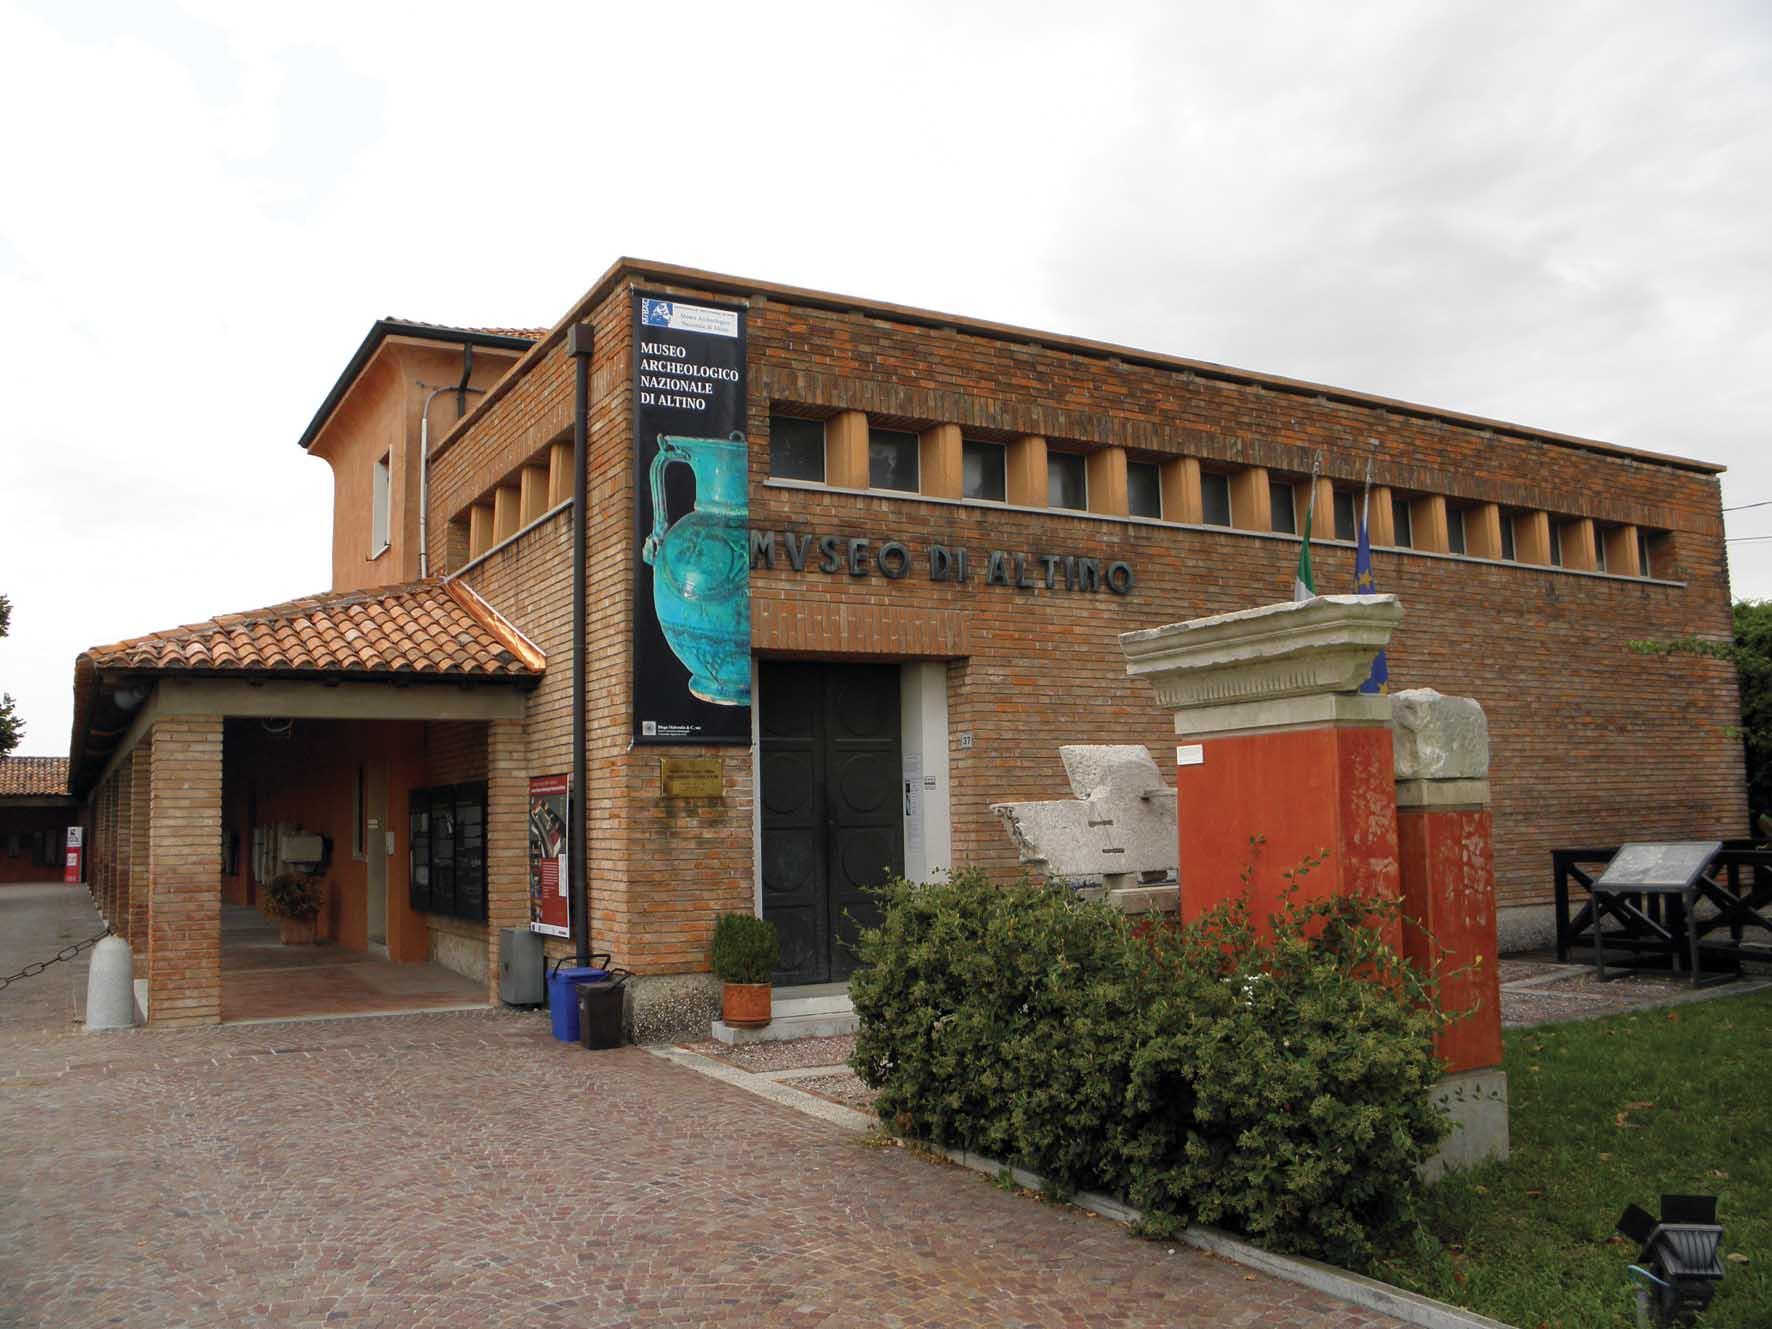 museo nazionale archeologico di altino